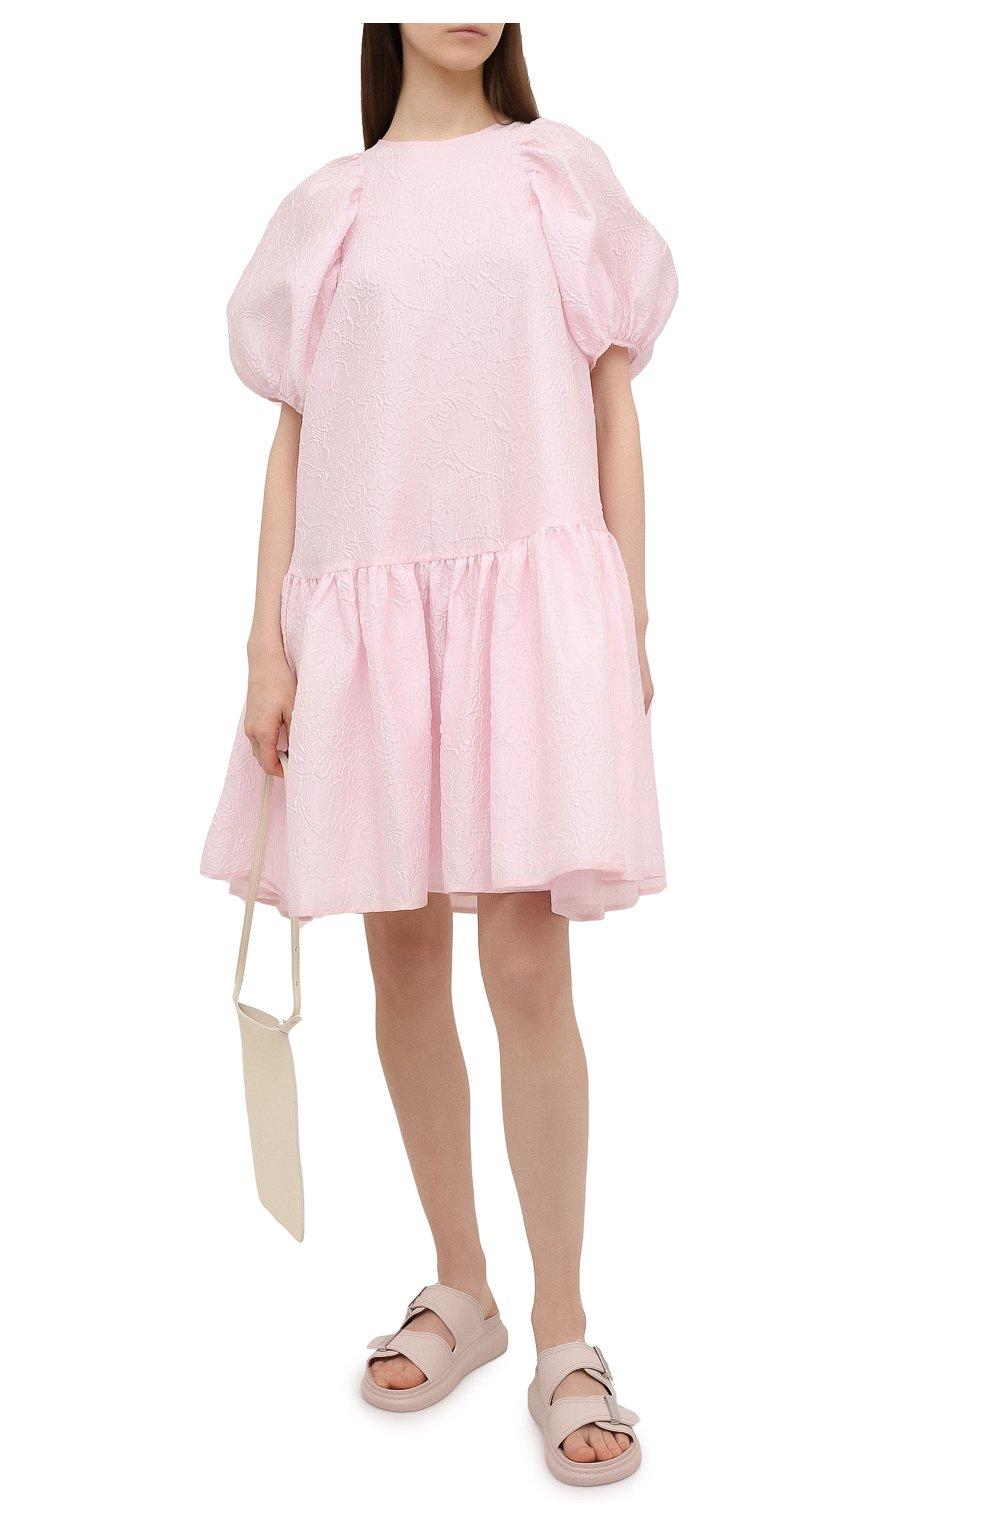 Женские шлепанцы ALEXANDER MCQUEEN светло-розового цвета, арт. 658063/W4Q51   Фото 2 (Материал внешний: Текстиль; Подошва: Платформа; Материал внутренний: Текстиль)